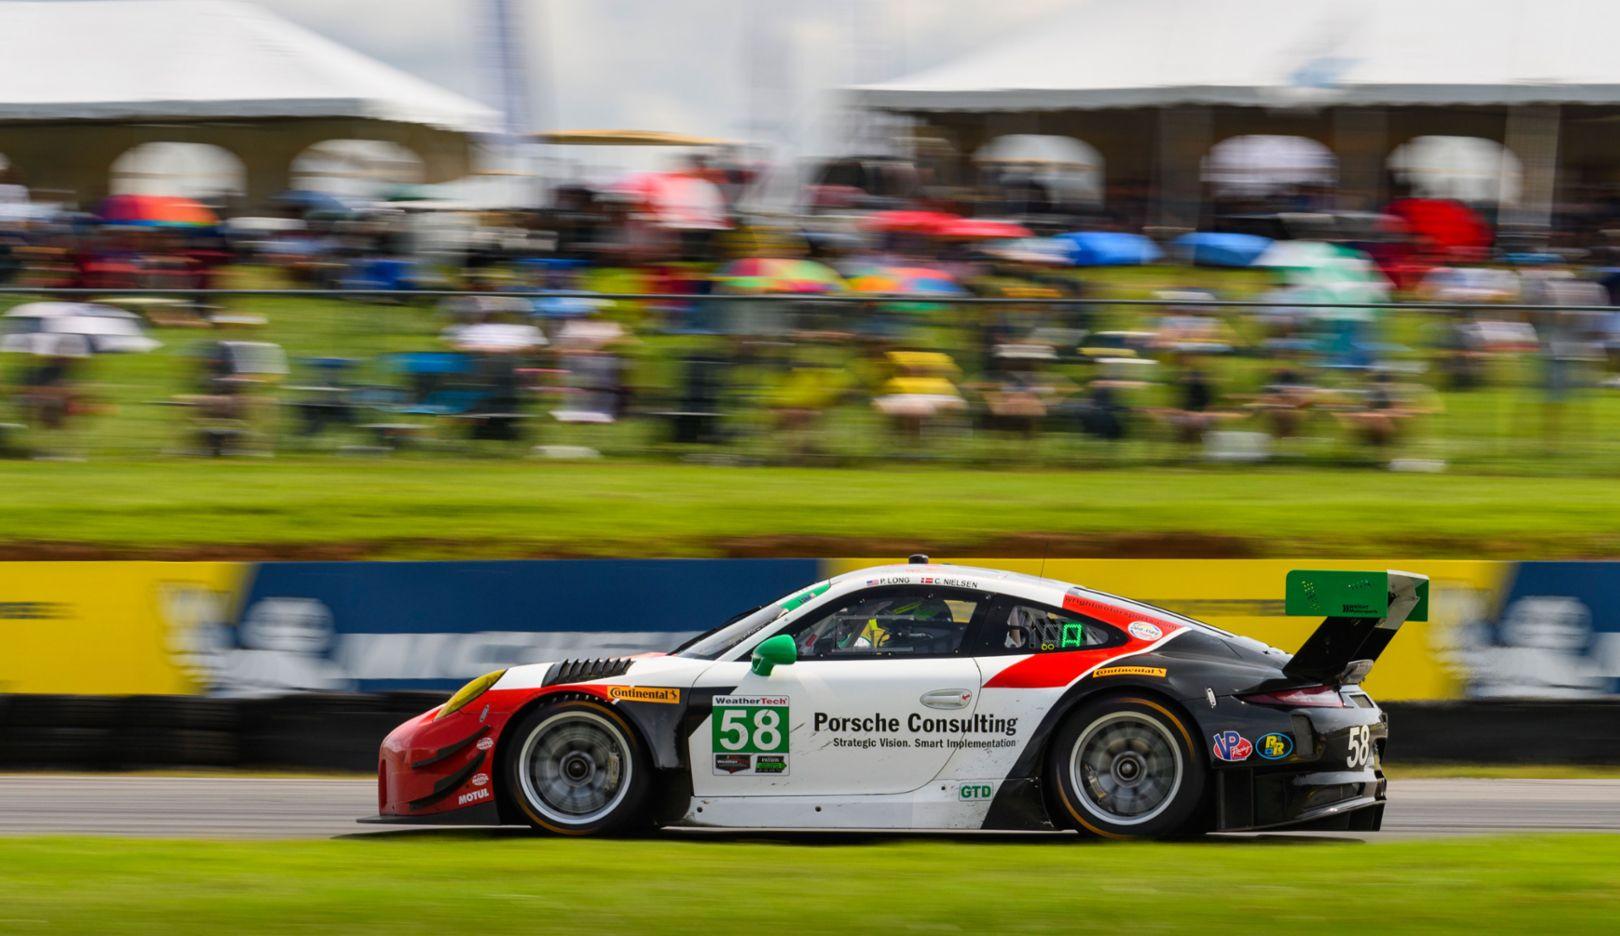 Porsche 911 GT3 R (58), IMSA WeatherTech SportsCar Championship, round 9, Danville/USA, 2018, Porsche AG